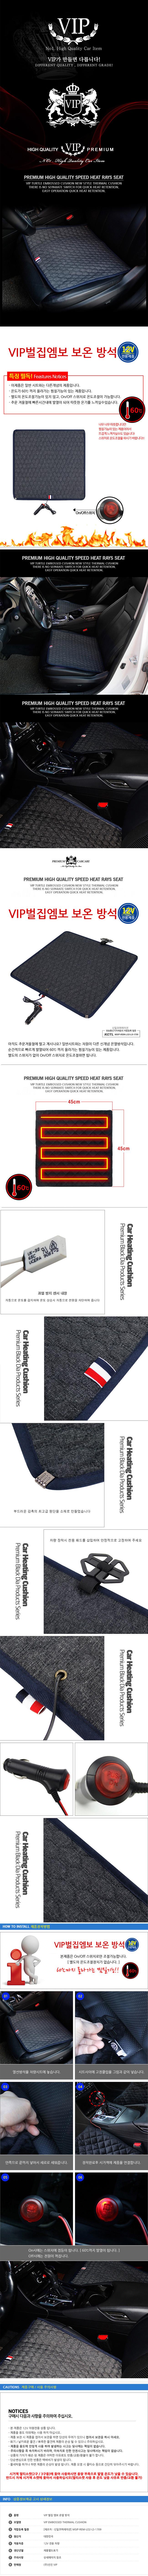 VIP 프리미엄 벨벳 열선시트 / 온열시트커버 / 12V전용 1P기준